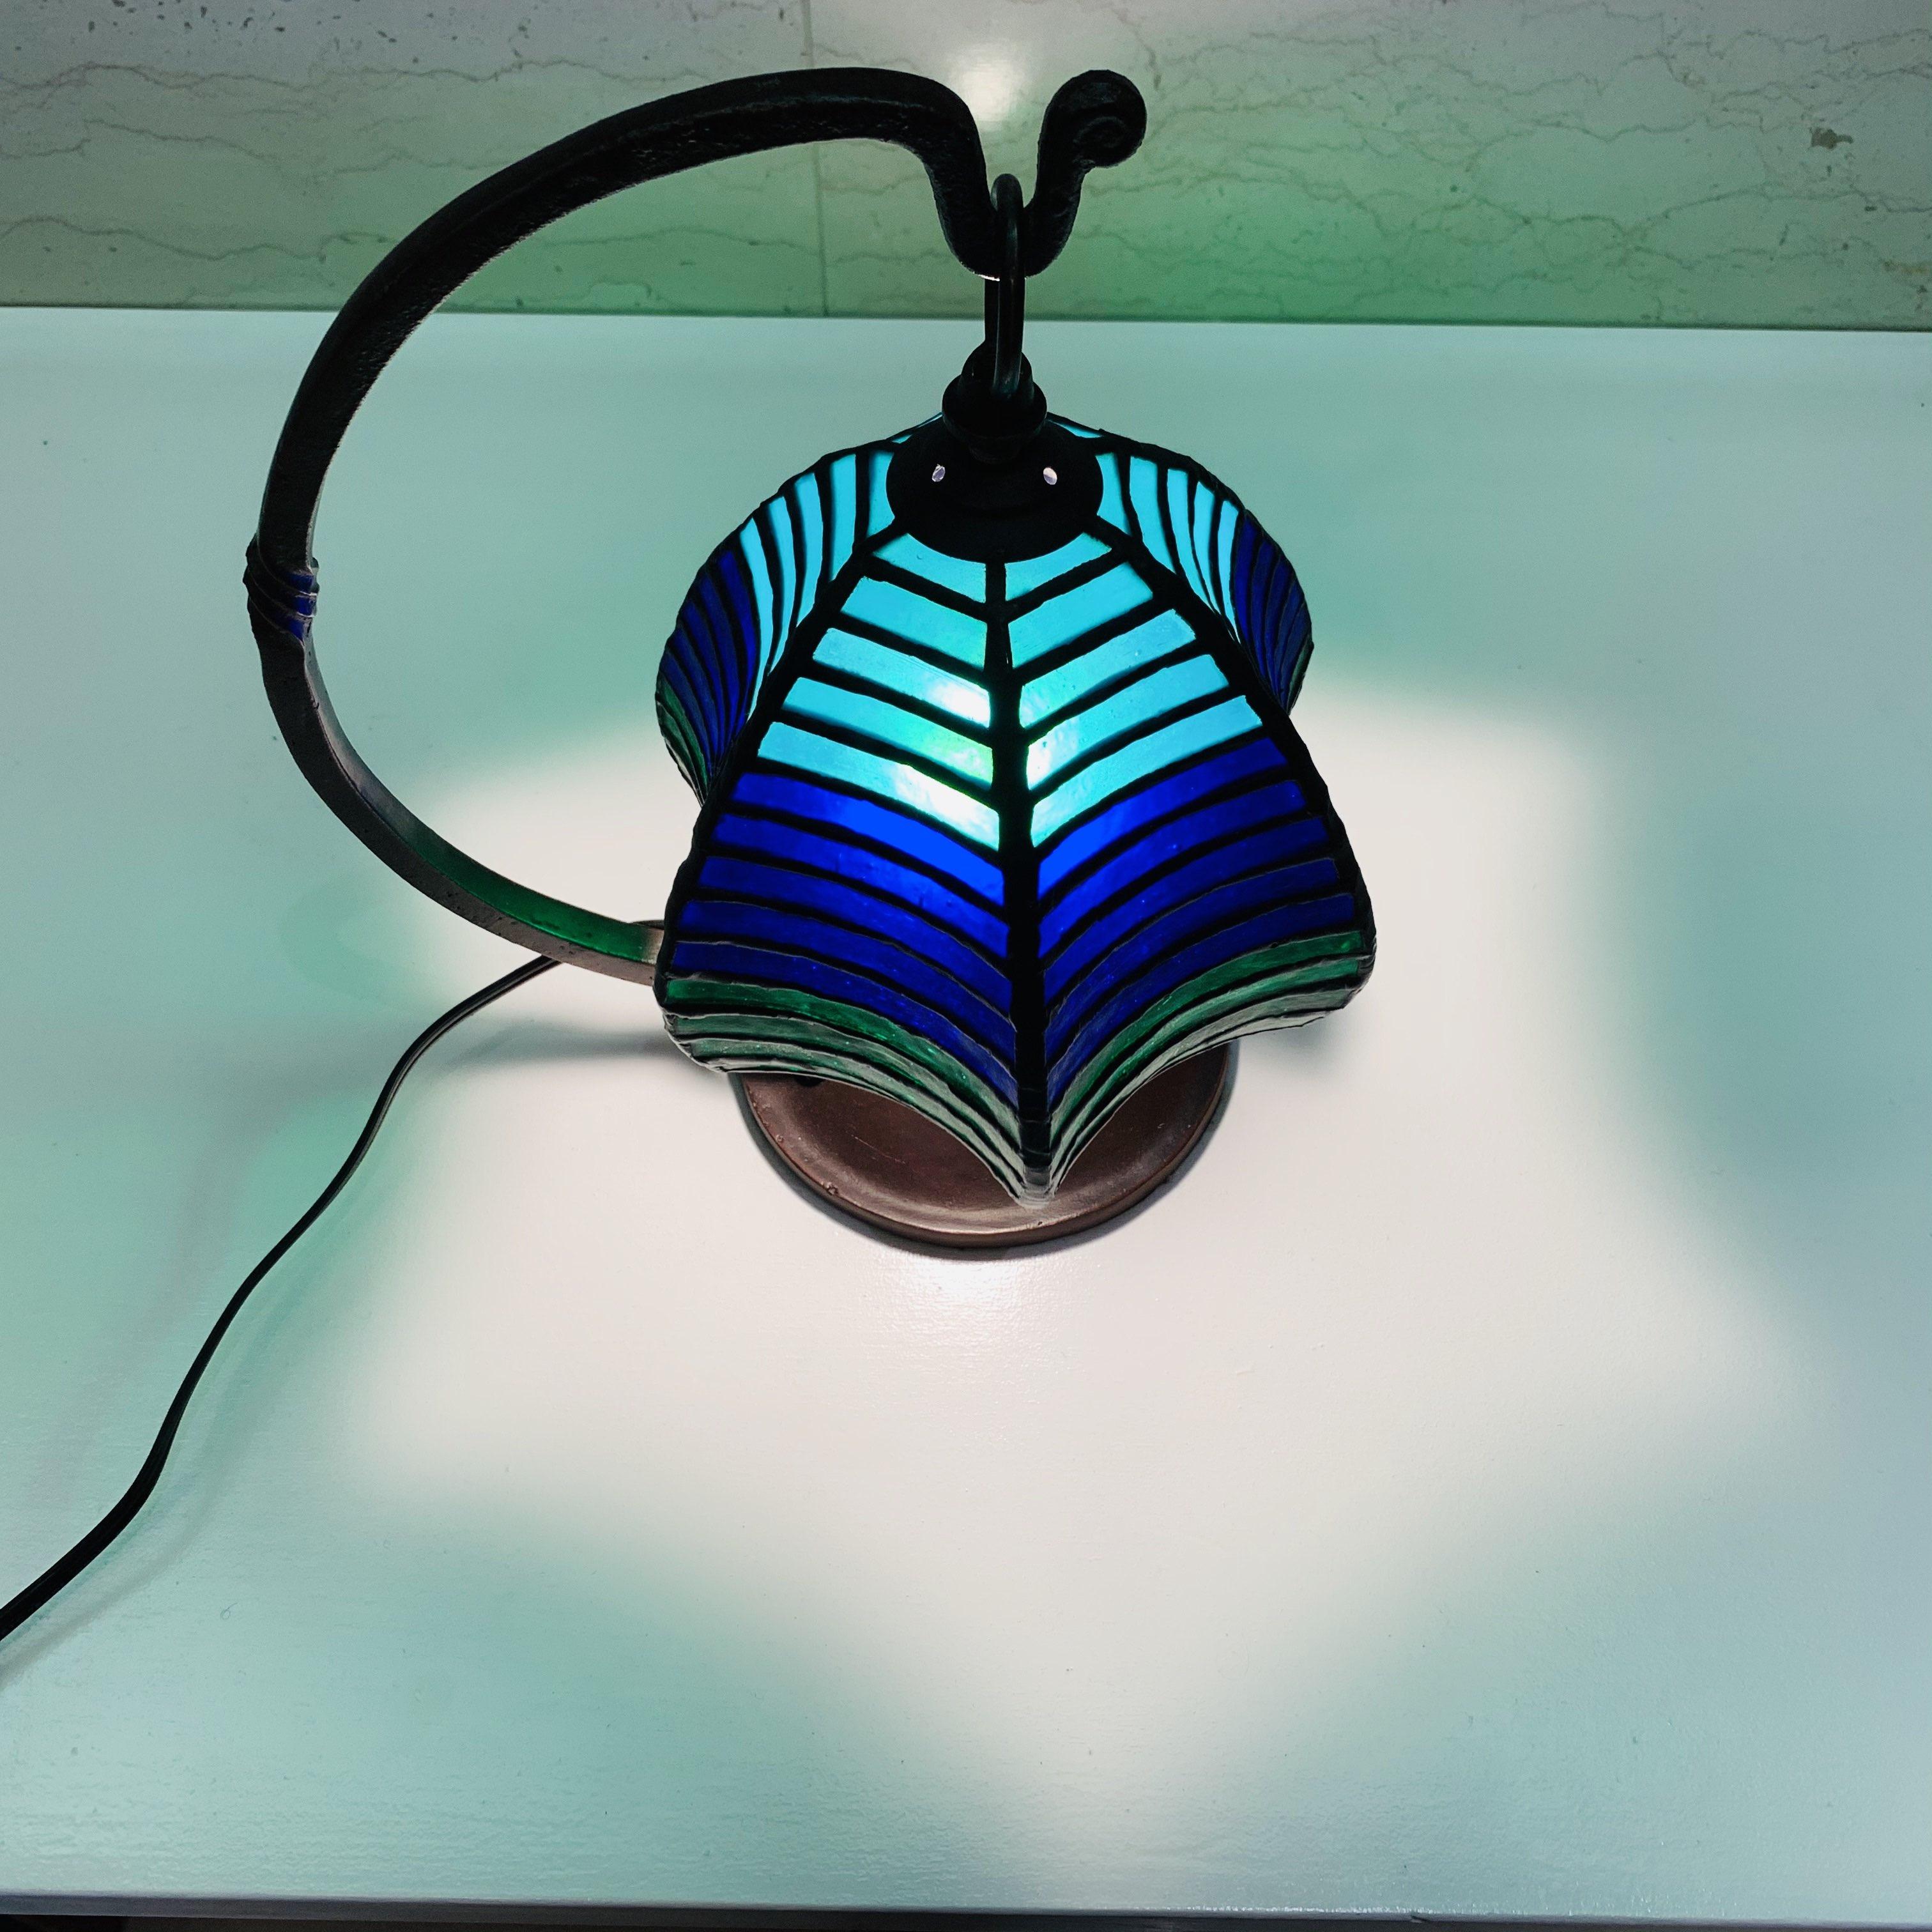 ヒーリングライト(ブルー星型)